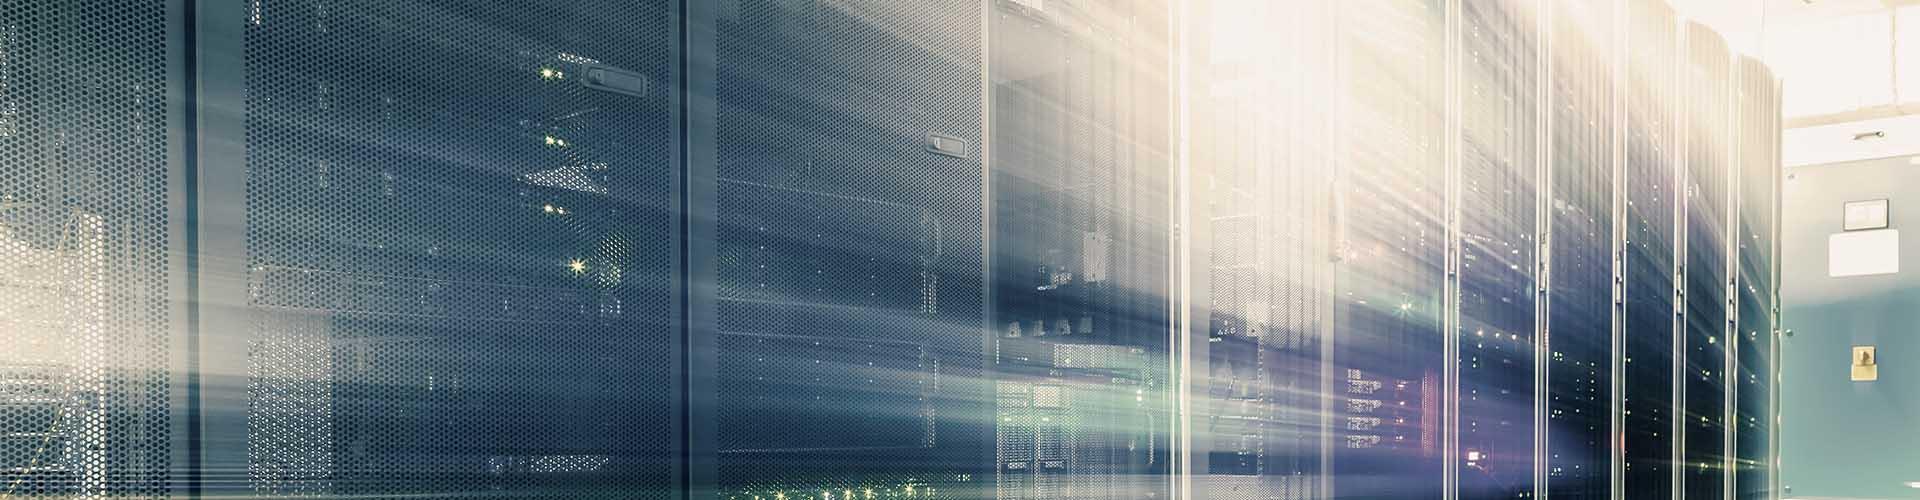 Azure Storage